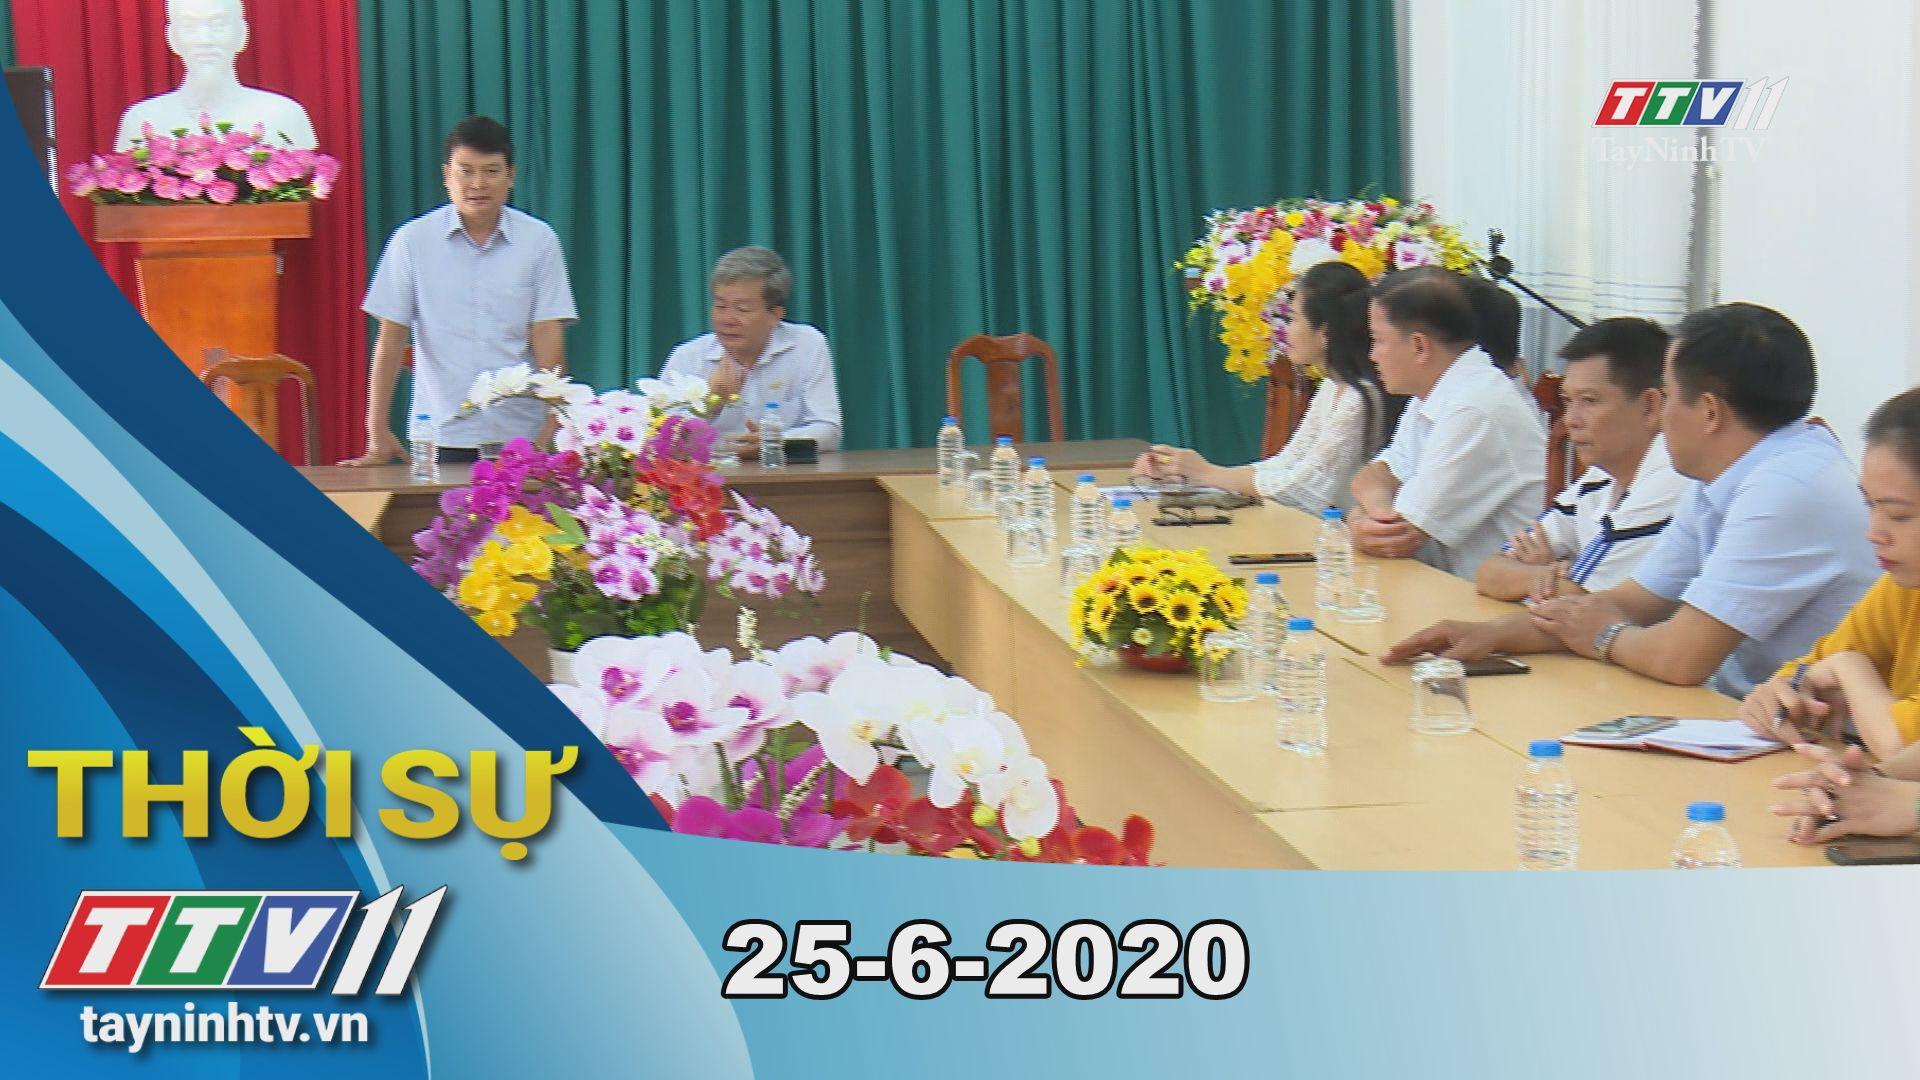 Thời sự Tây Ninh 25-6-2020 | Tin tức hôm nay | TayNinhTV